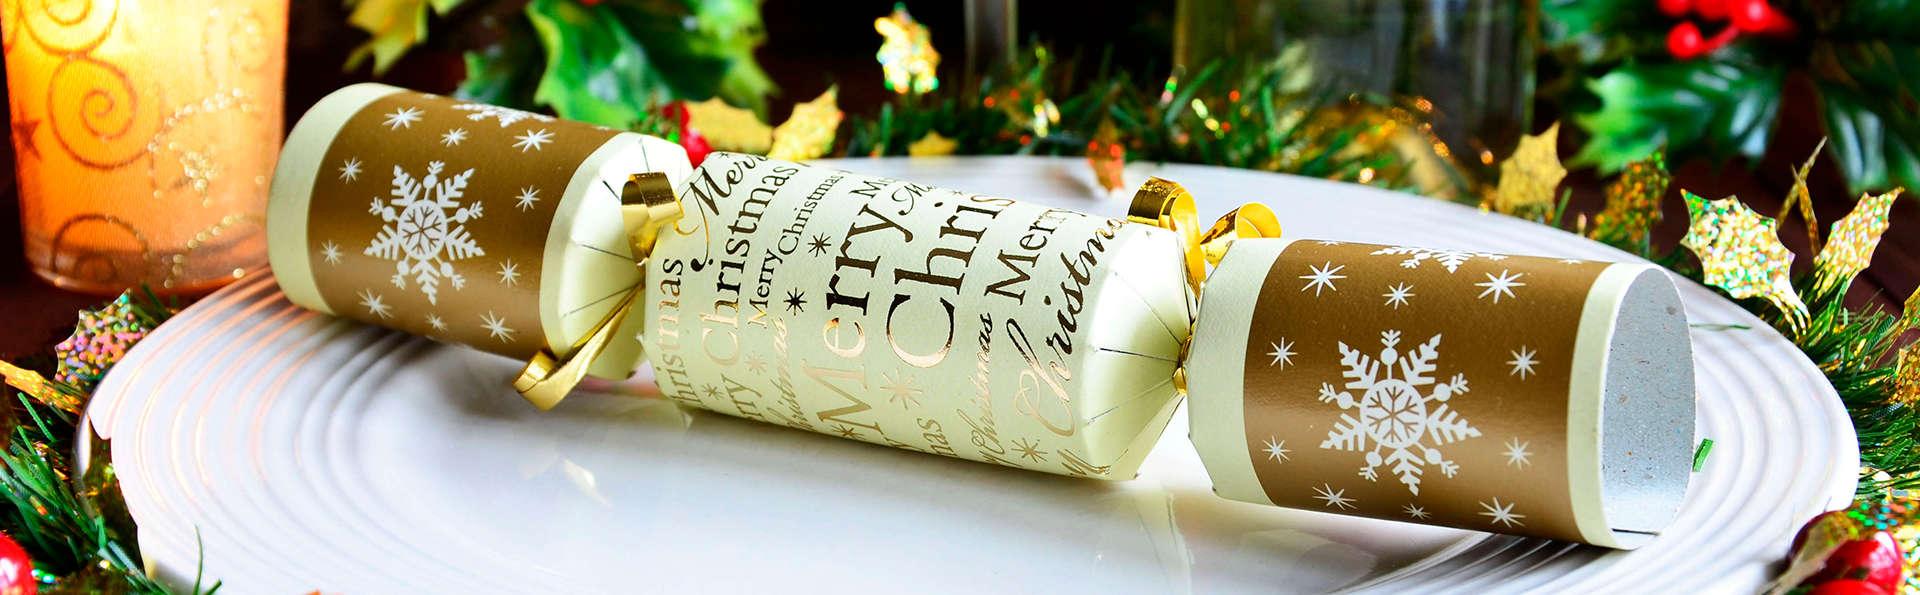 Speciale Natale a 5* con spa, cenone e tanto altro!